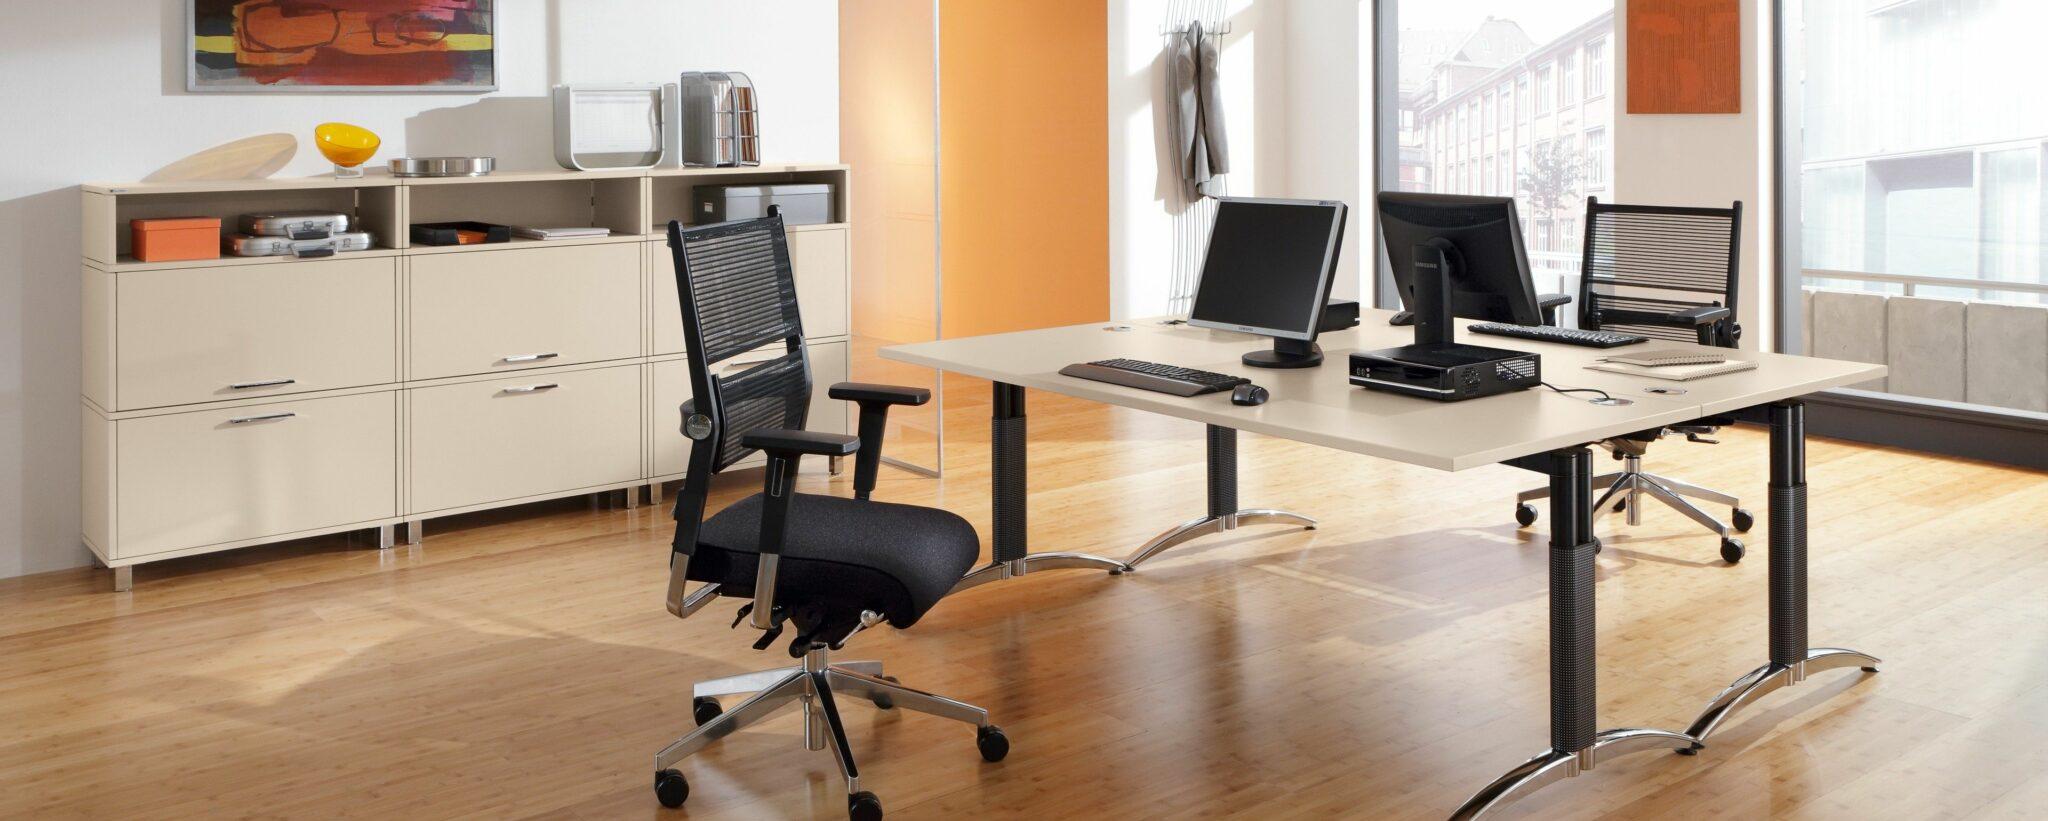 Palmberg kantoormeubelen Den Haag bureau - bureaustoel Heering Office